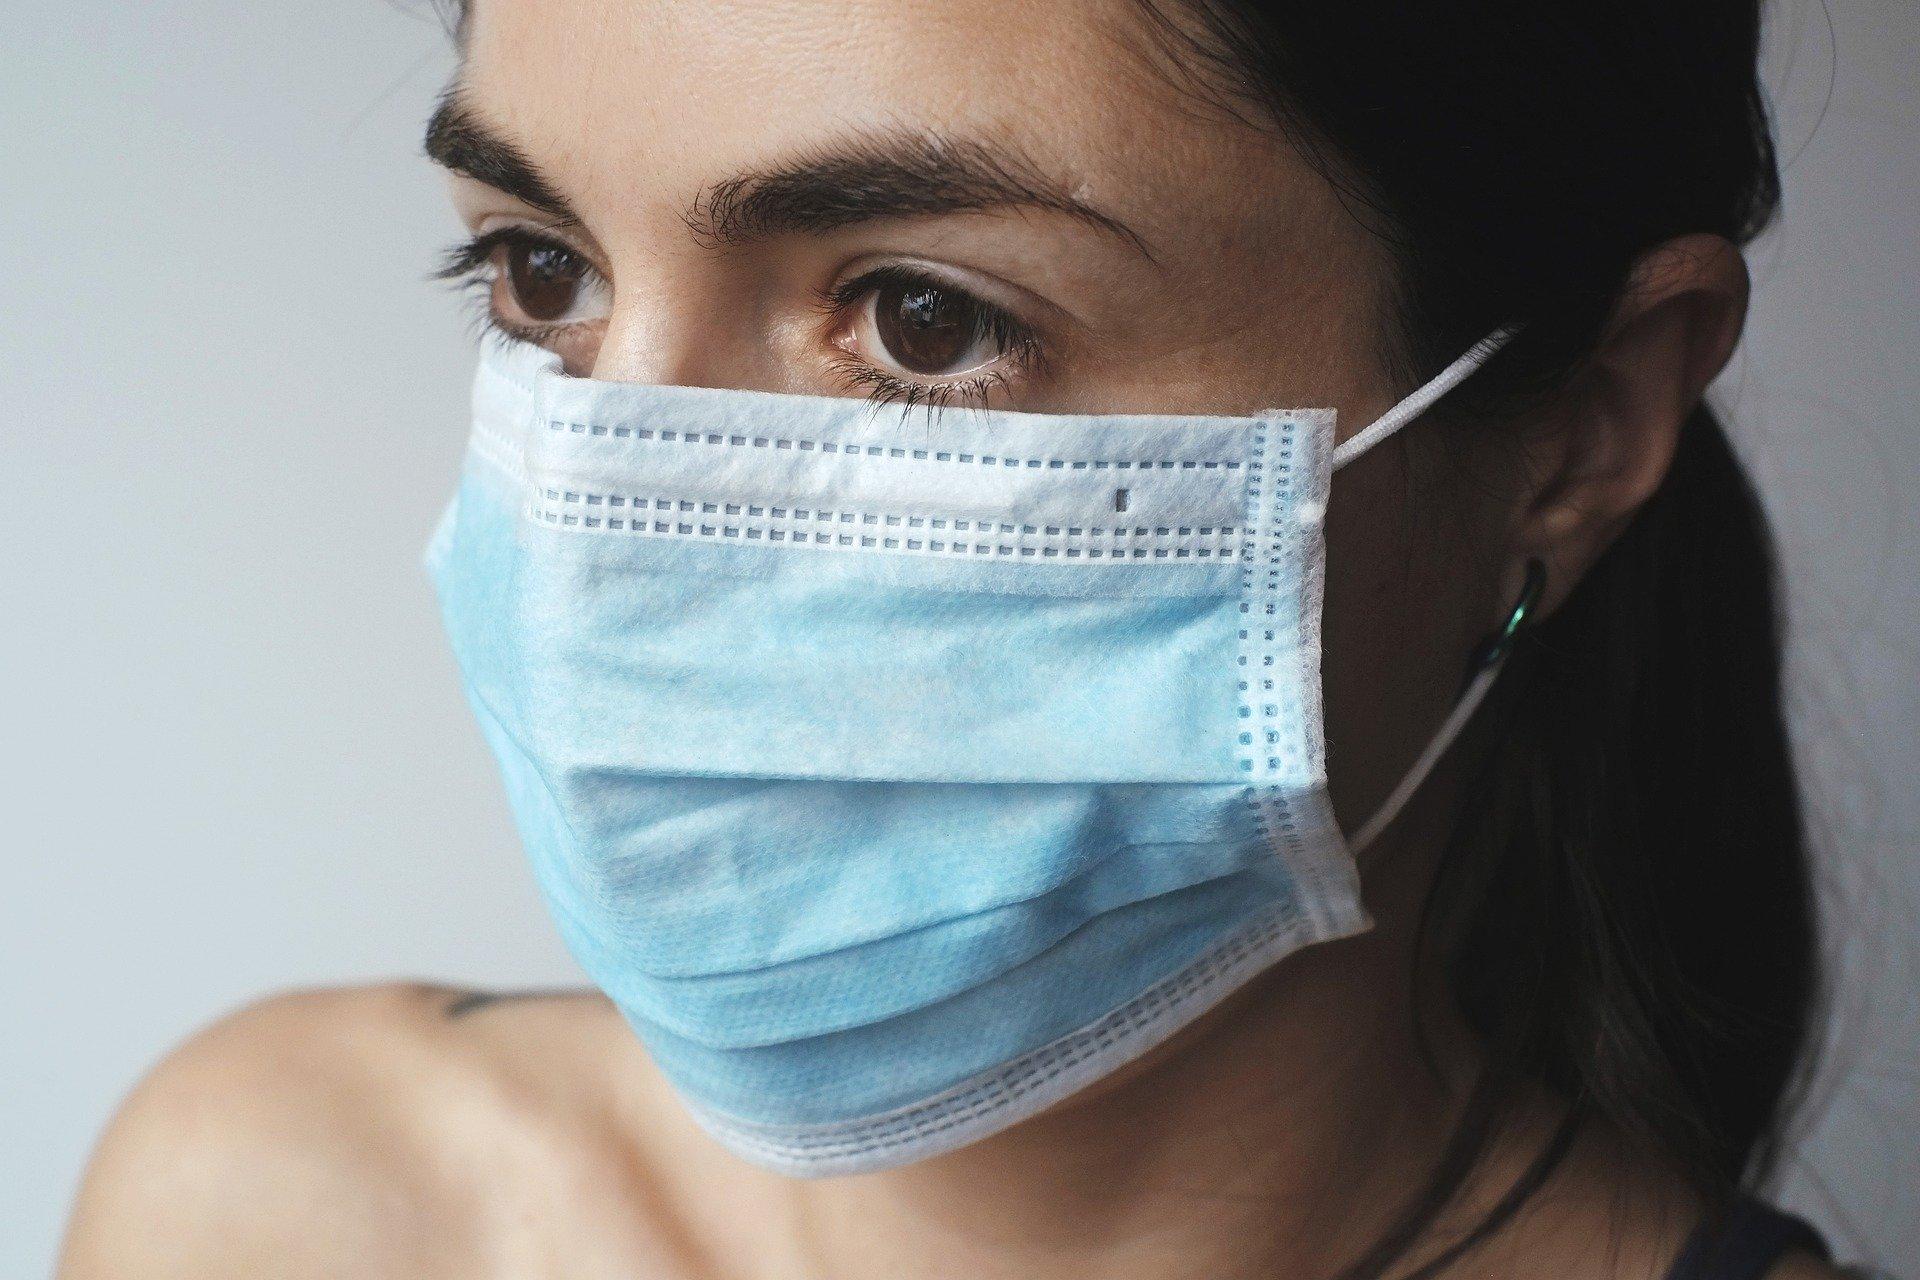 Badanie: Koronawirus może pozostać na maseczkach nawet przez tydzień